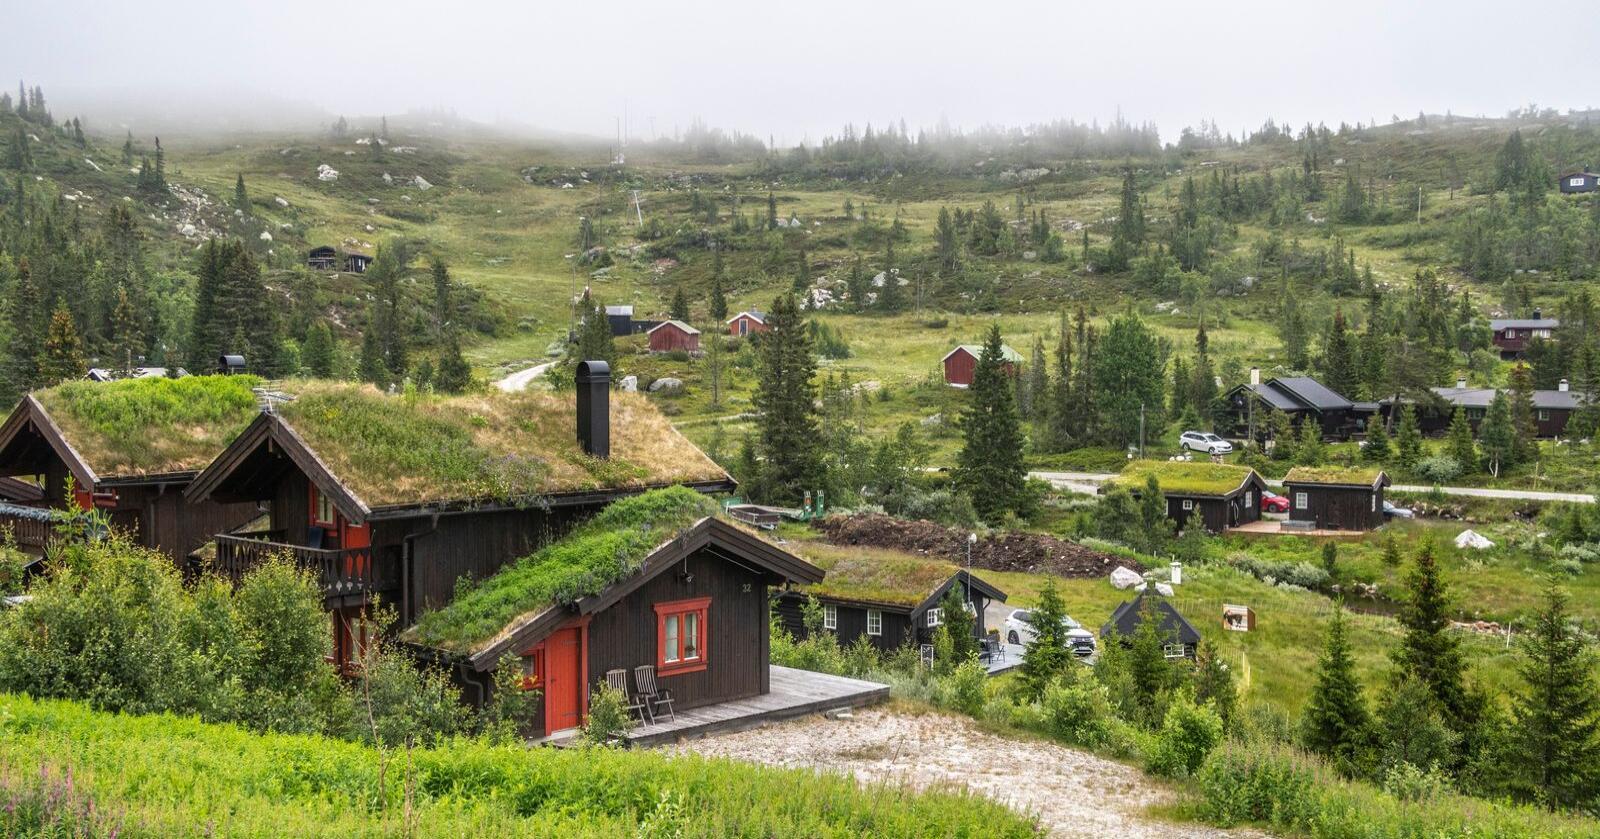 Flere nordmenn enn vanlig tilbrakte sommerferien på hytta. Det har ført til langt færre hytteinnbrudd. Foto: Halvard Alvik/NTB scanpix